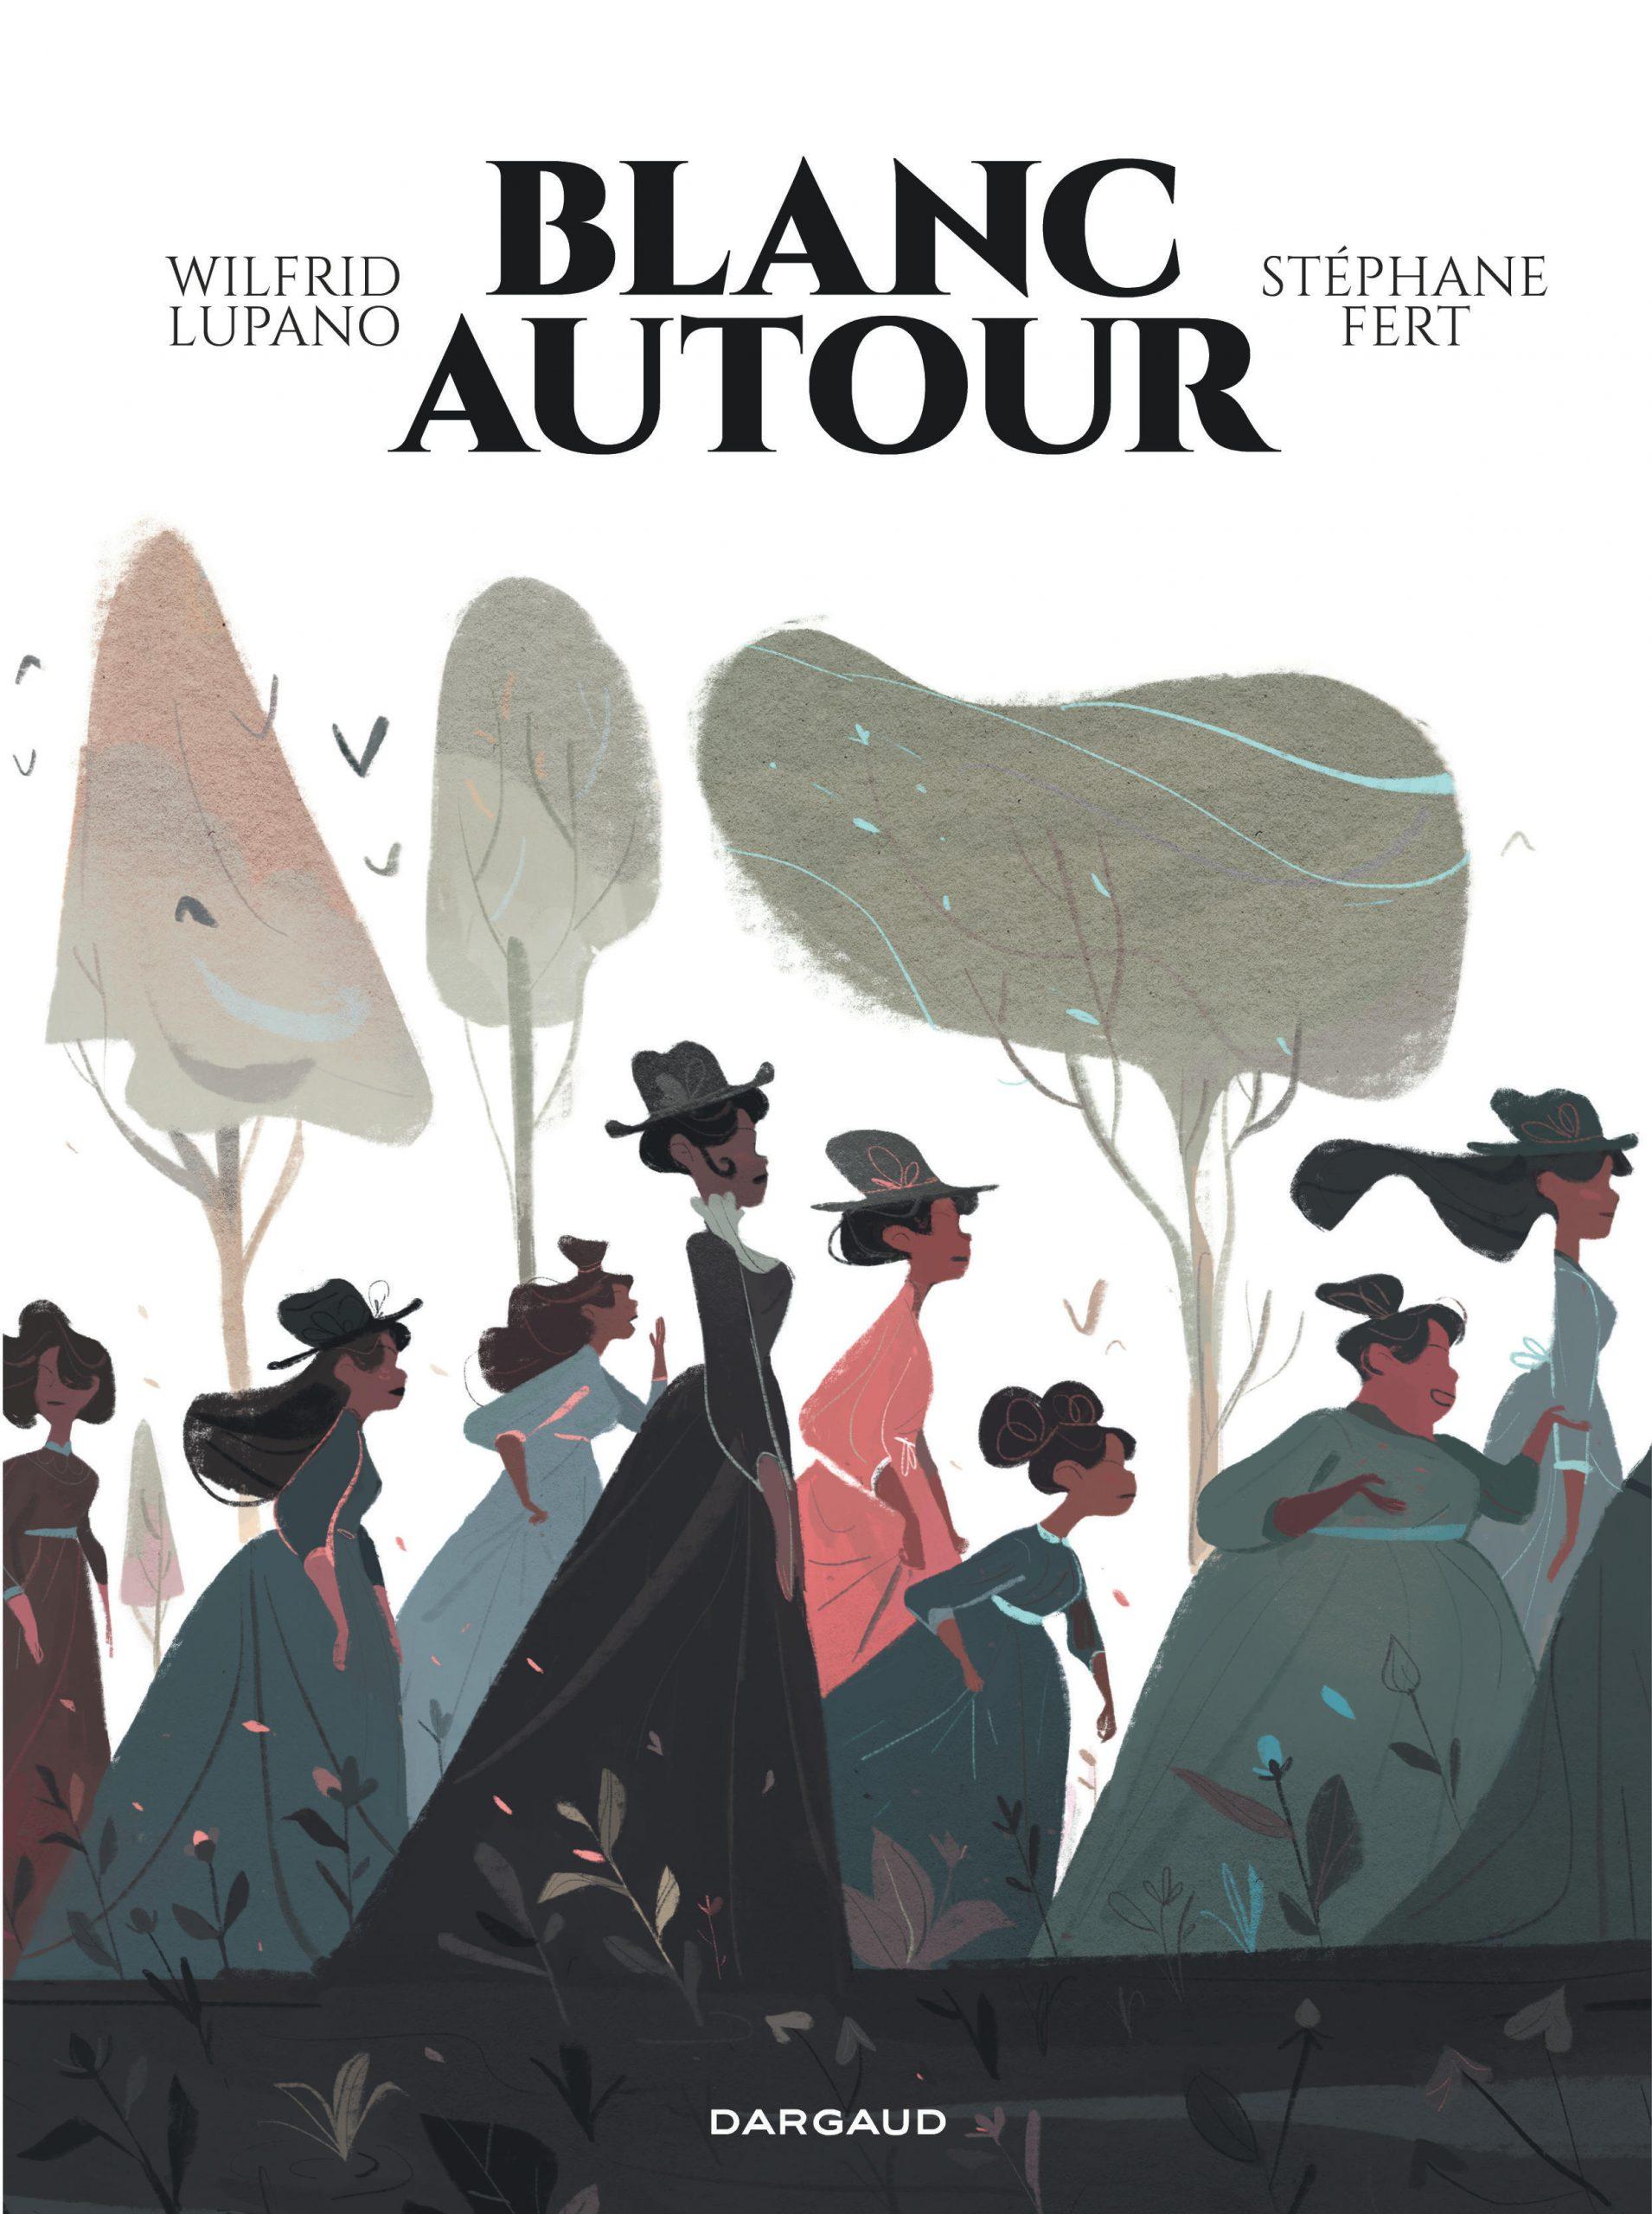 « Blanc autour » de Wilfrid Lupano et Stéphane Fert, éditions Dargaud, 144 pages, 19,99 euros